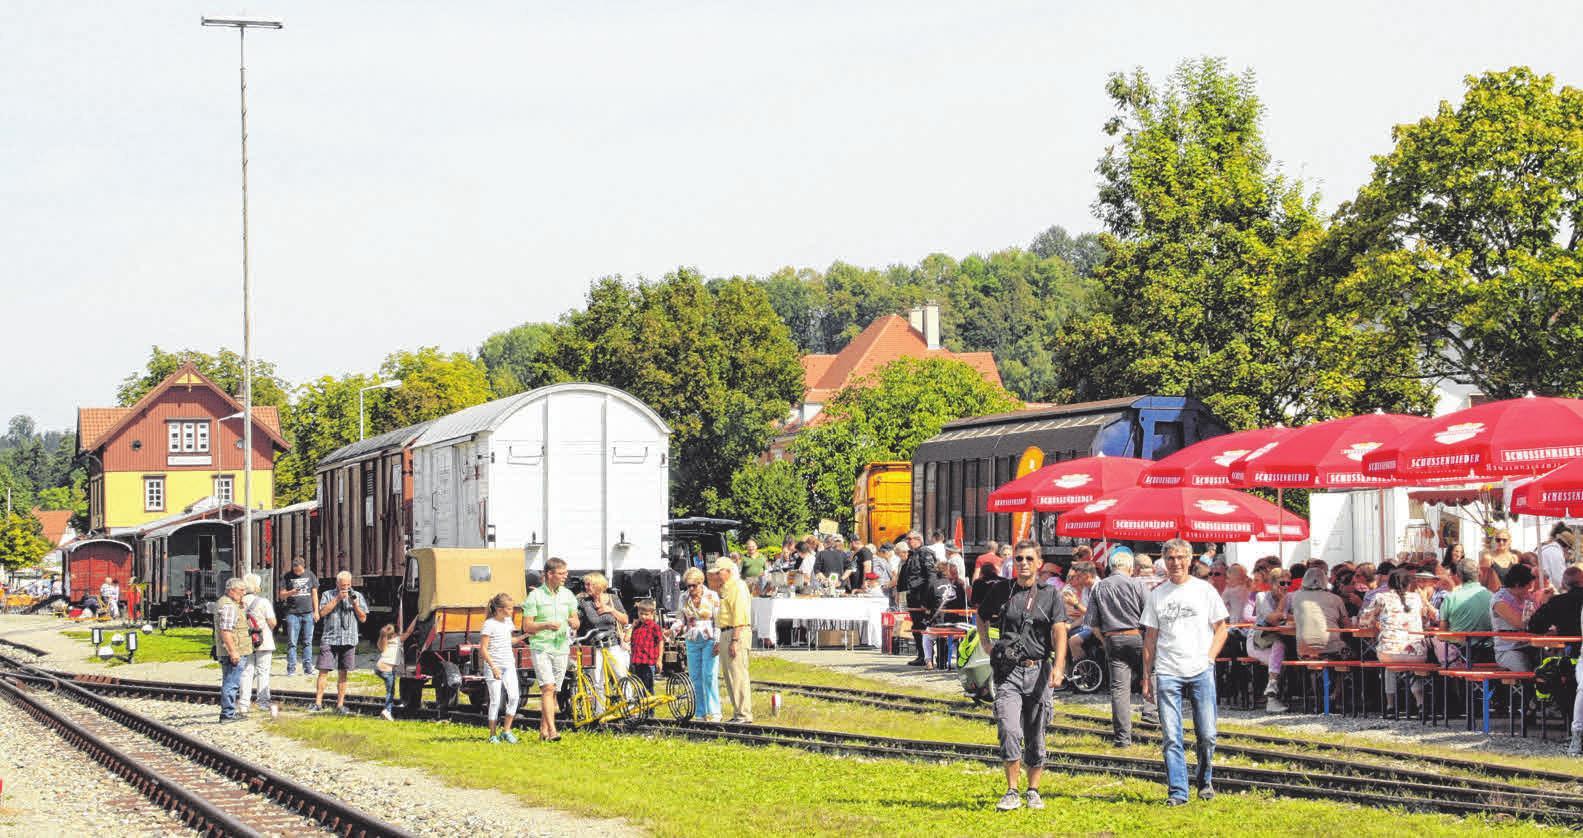 Auf dem Bahnhofsgelände in Ochsenhausen kann man sich vergnügen und informieren.